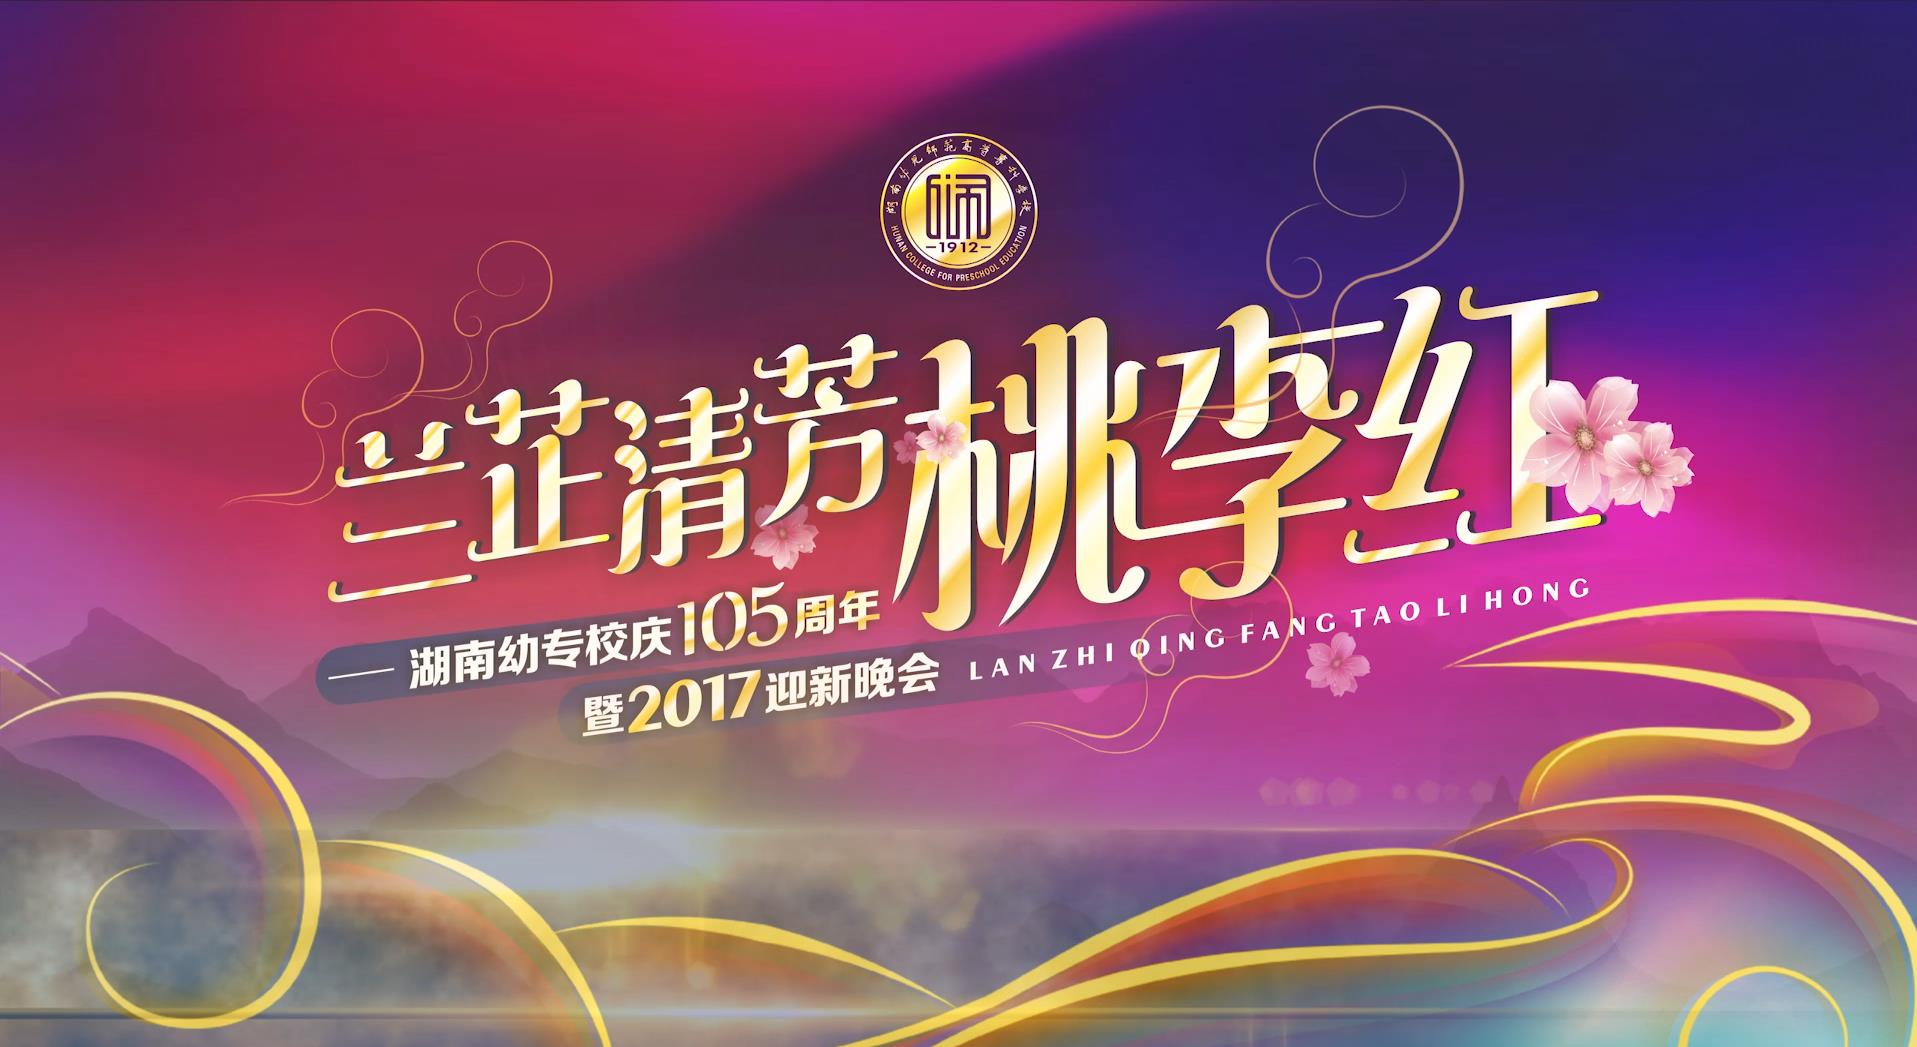 2017年105周年校庆暨迎新晚会